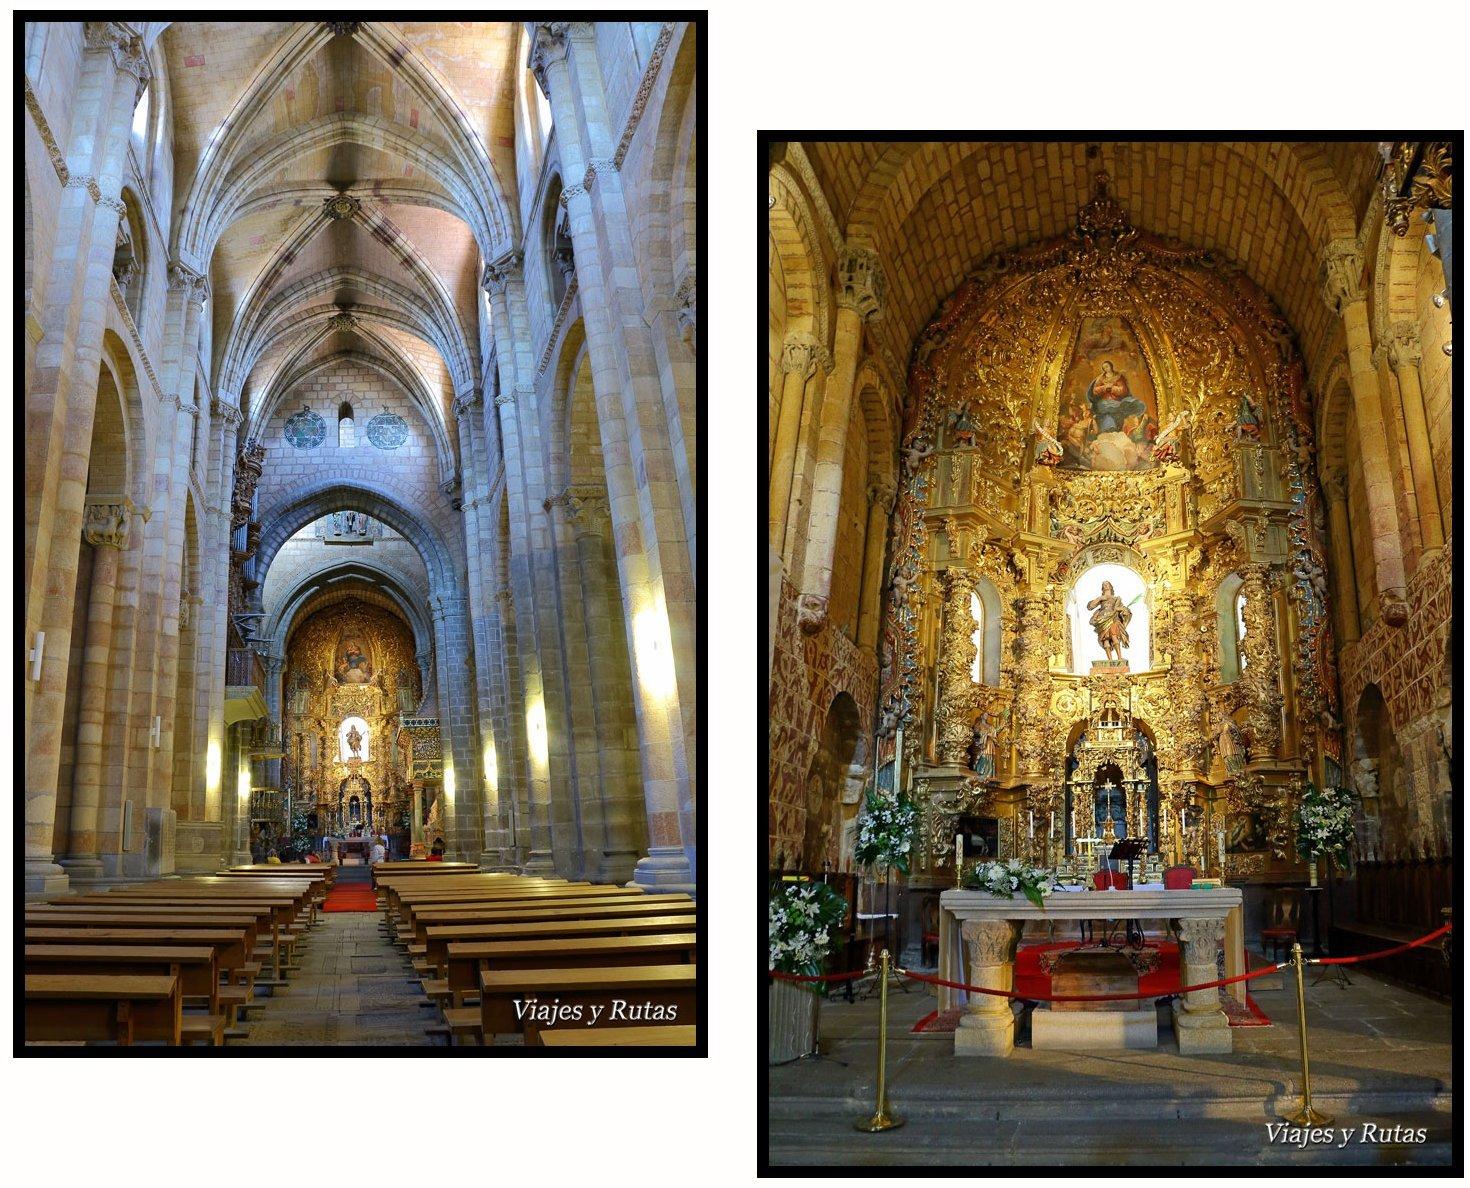 Basílica de San Vicente, Avila